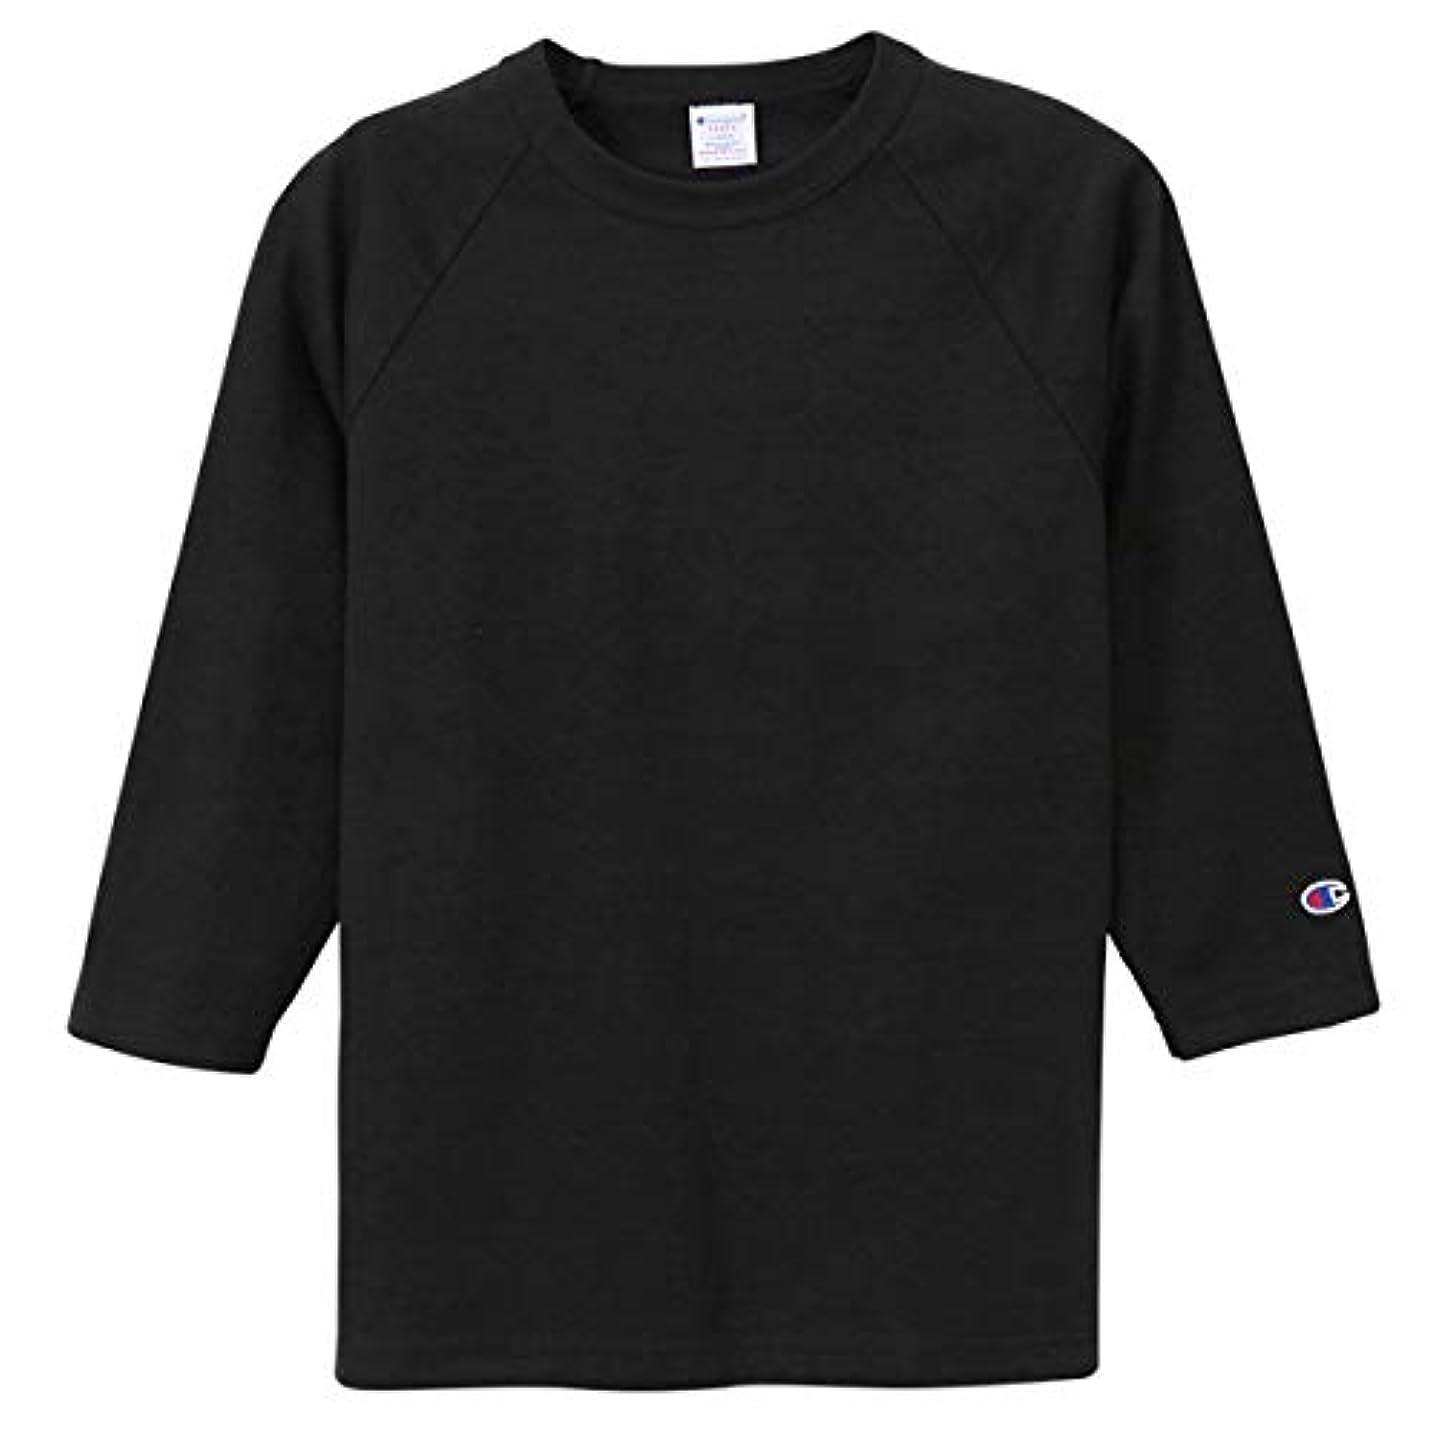 保存忍耐キャンプチャンピオン Tシャツ 7分袖 メンズ CHAMPION T1011 ラグラン3/4スリーブ 19SS MADE IN USA ブラック